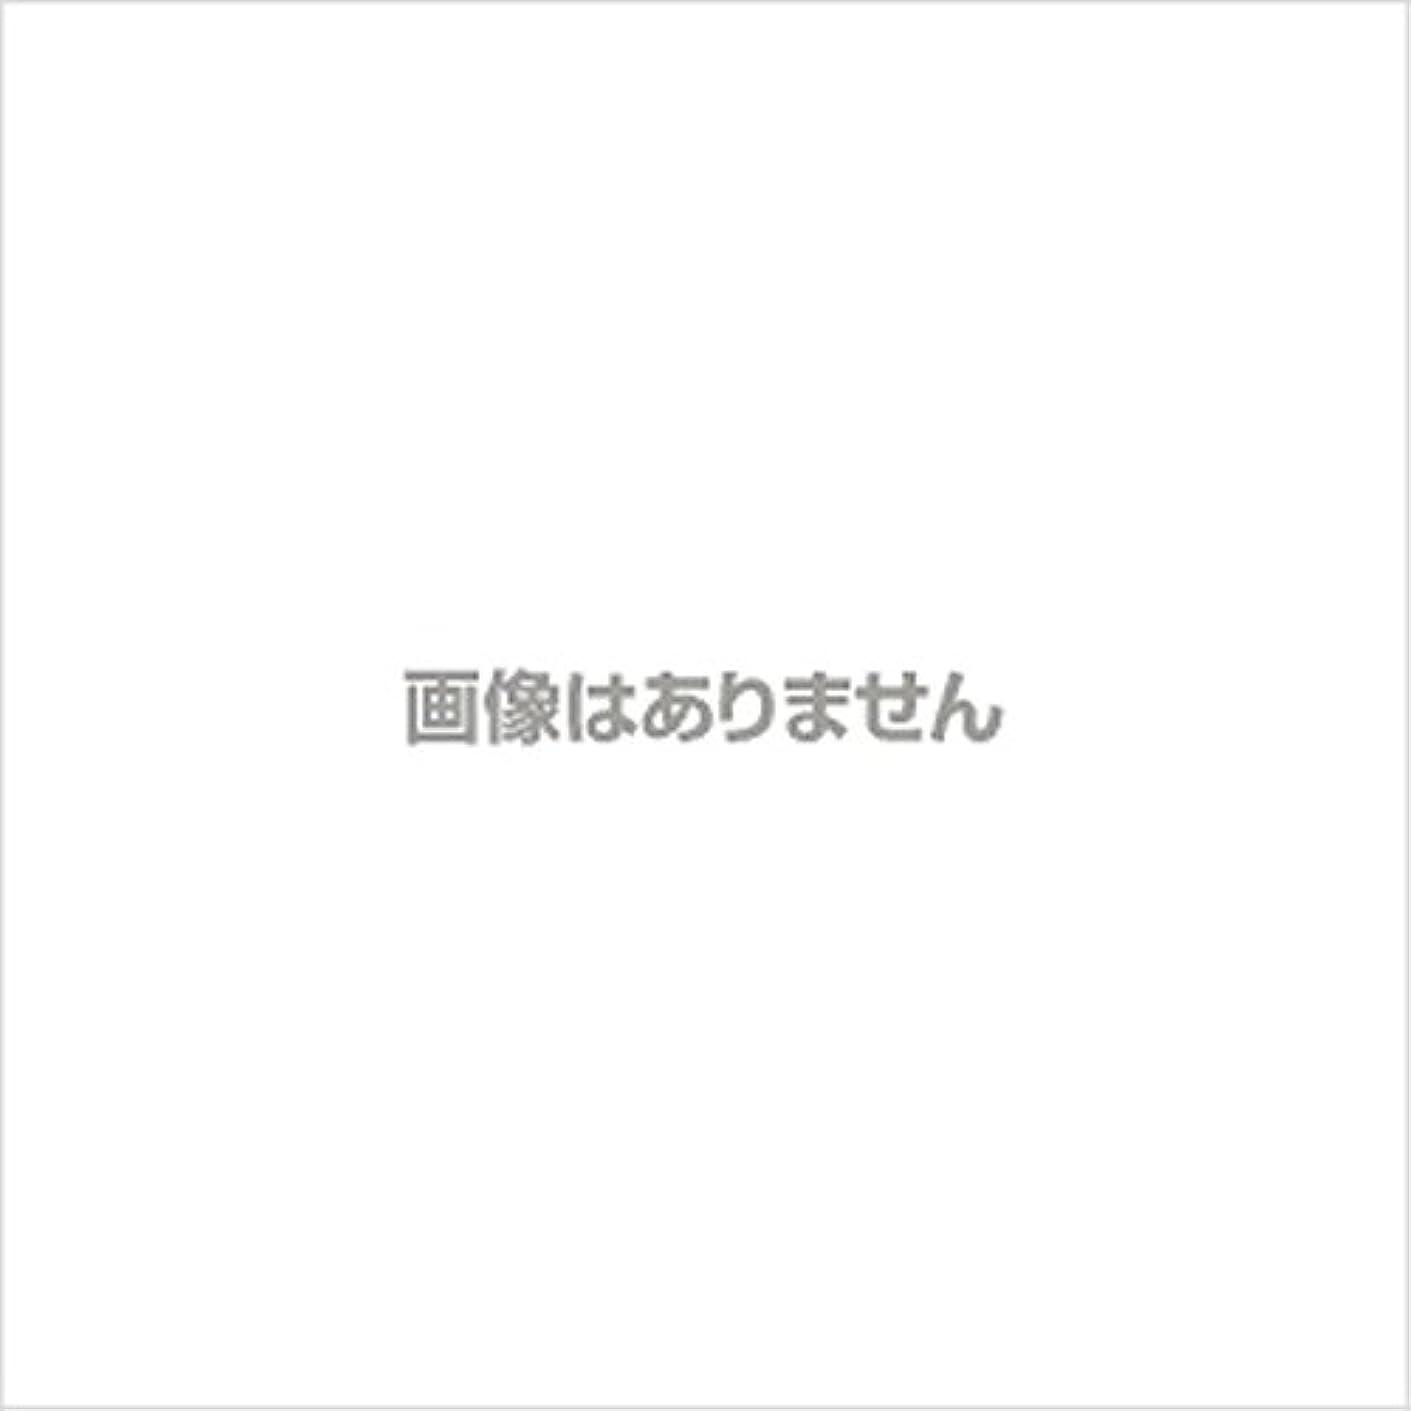 ピッチヶ月目コインランドリー日立マクセル ポータブルシェーバー(乾電池式) M-SH-40GN